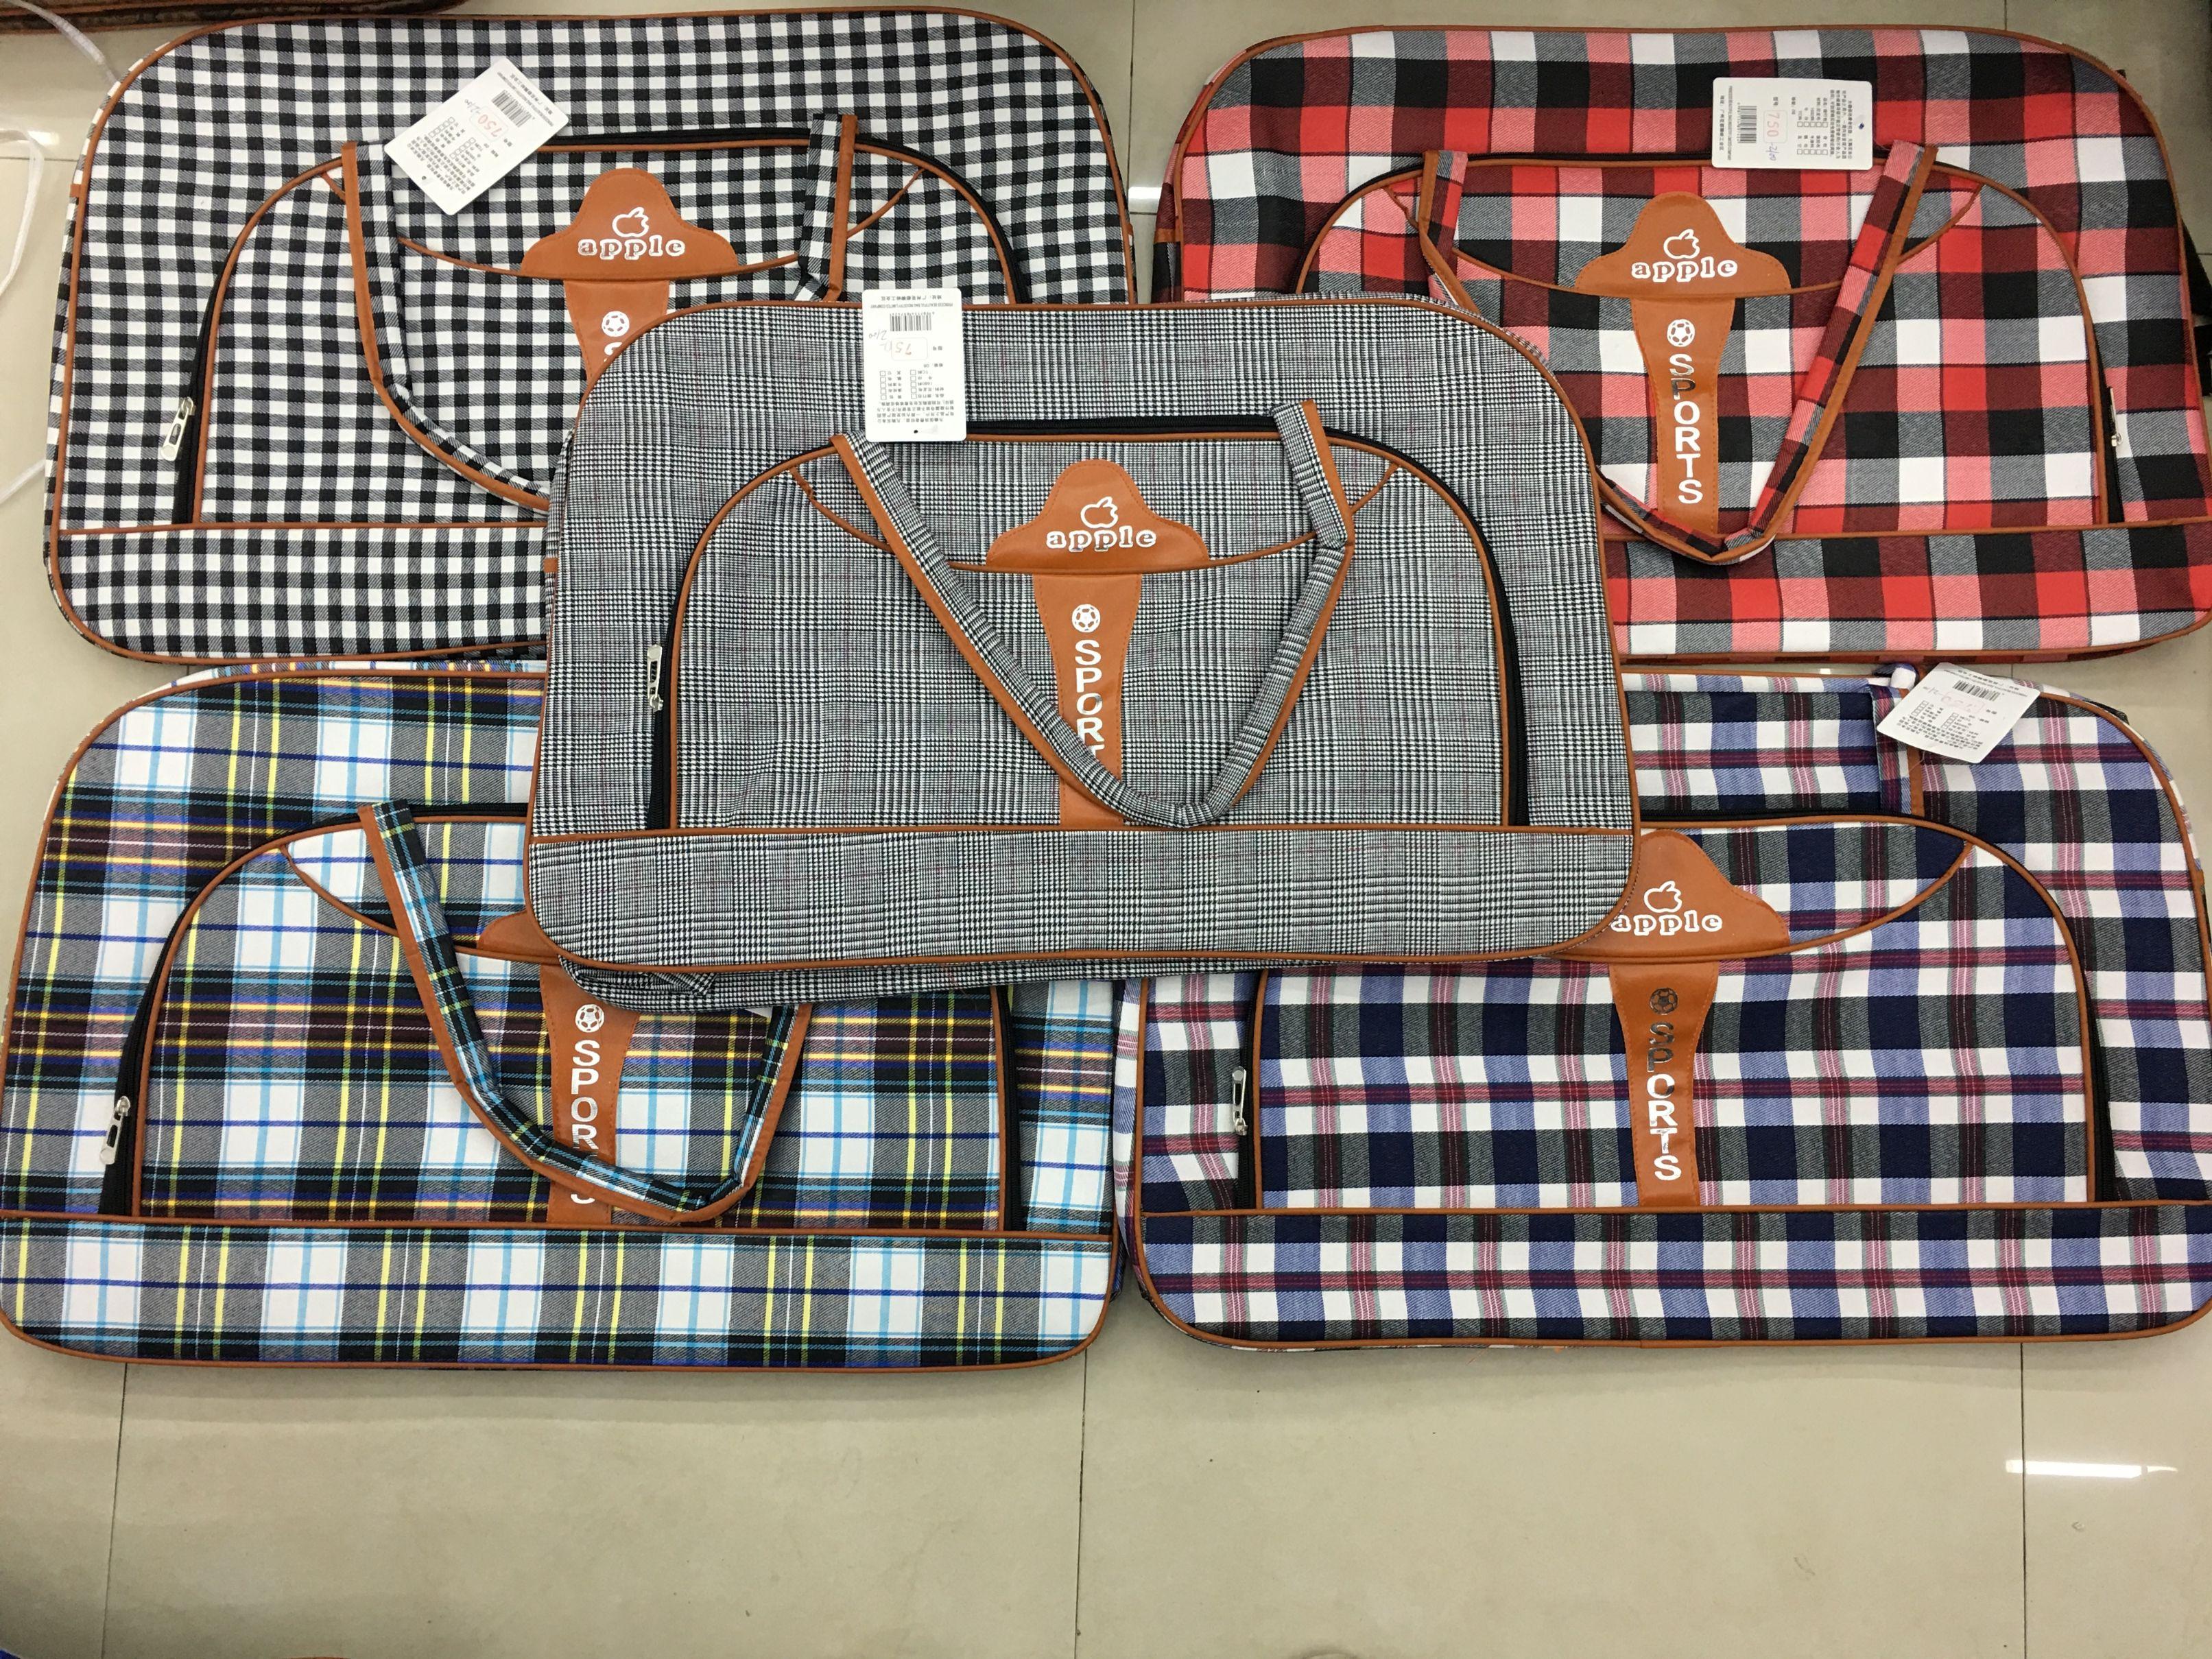 格子大包半圆包枕包行李包旅行包外贸现货订做7502100